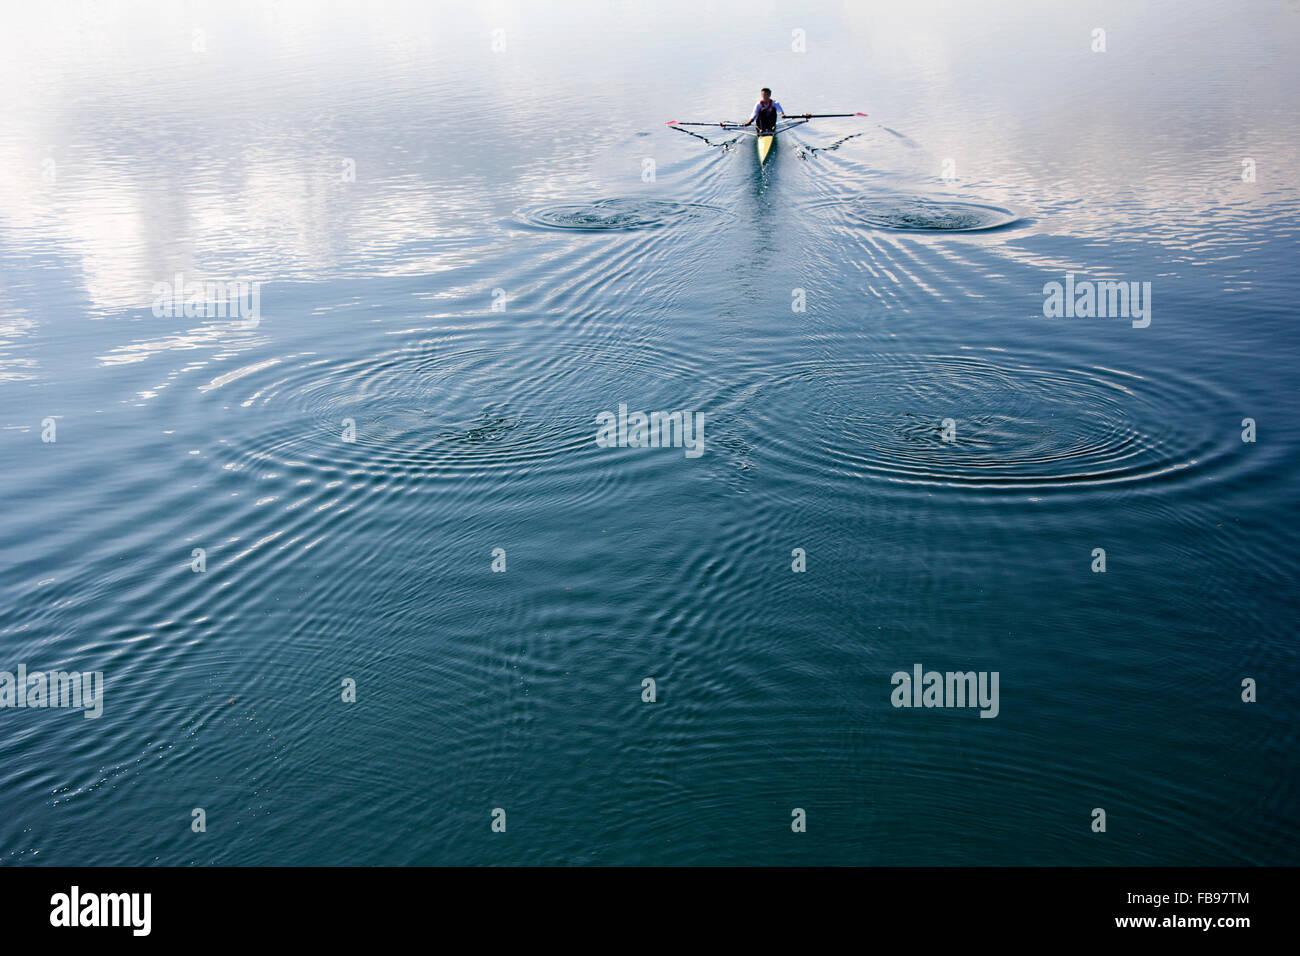 Giovane uomo in una barca, canottaggio sul lago tranquillo Immagini Stock